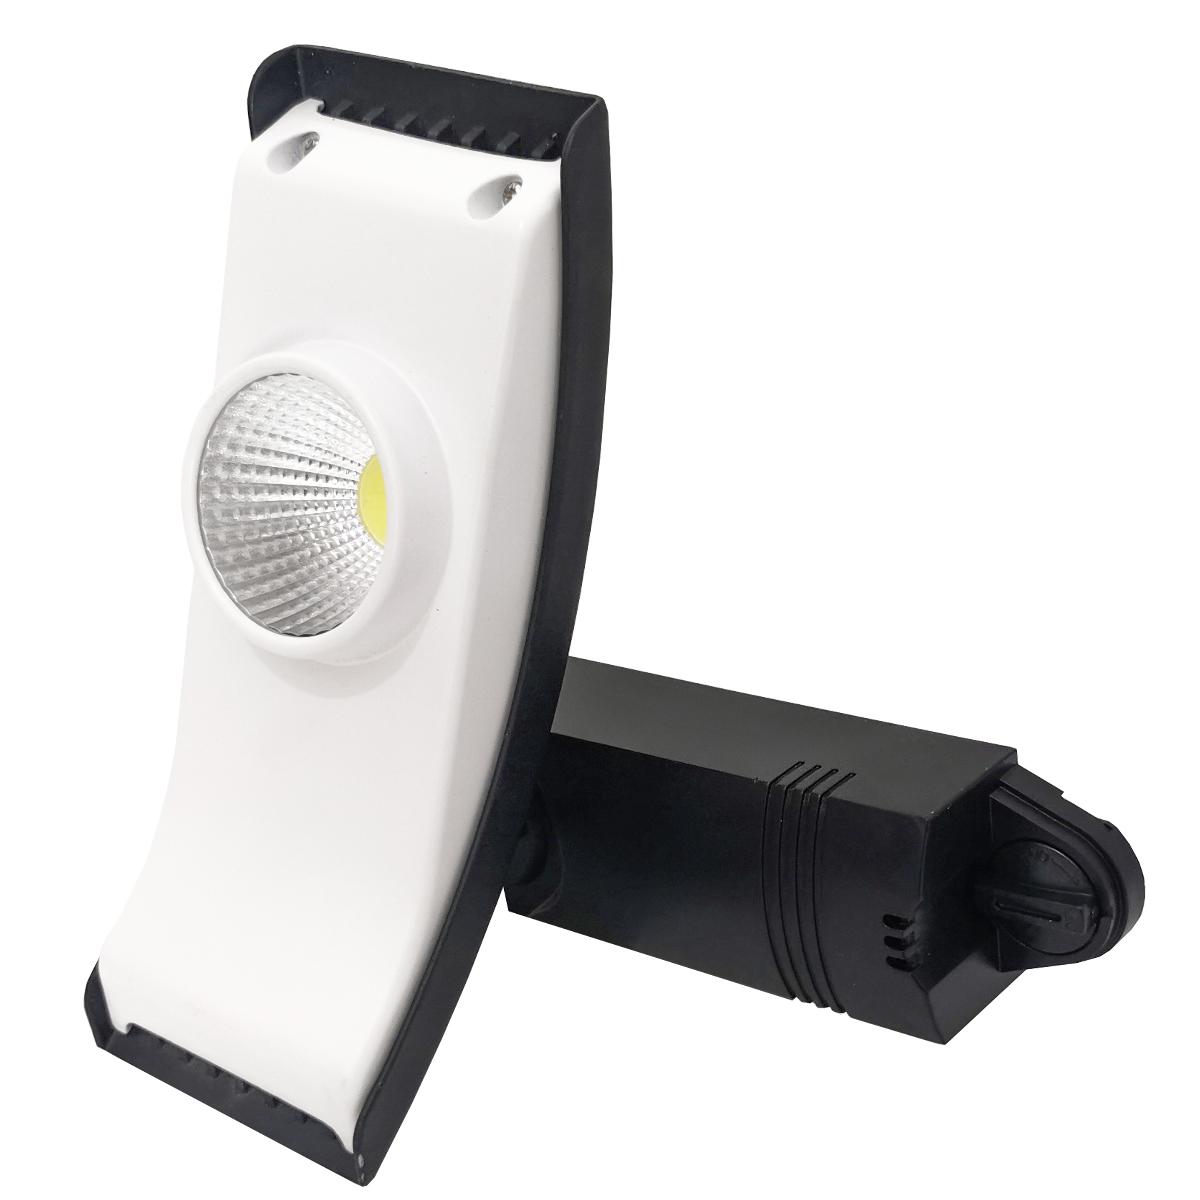 چراغ ریلی 20 وات یونی برایت مدل Rc01